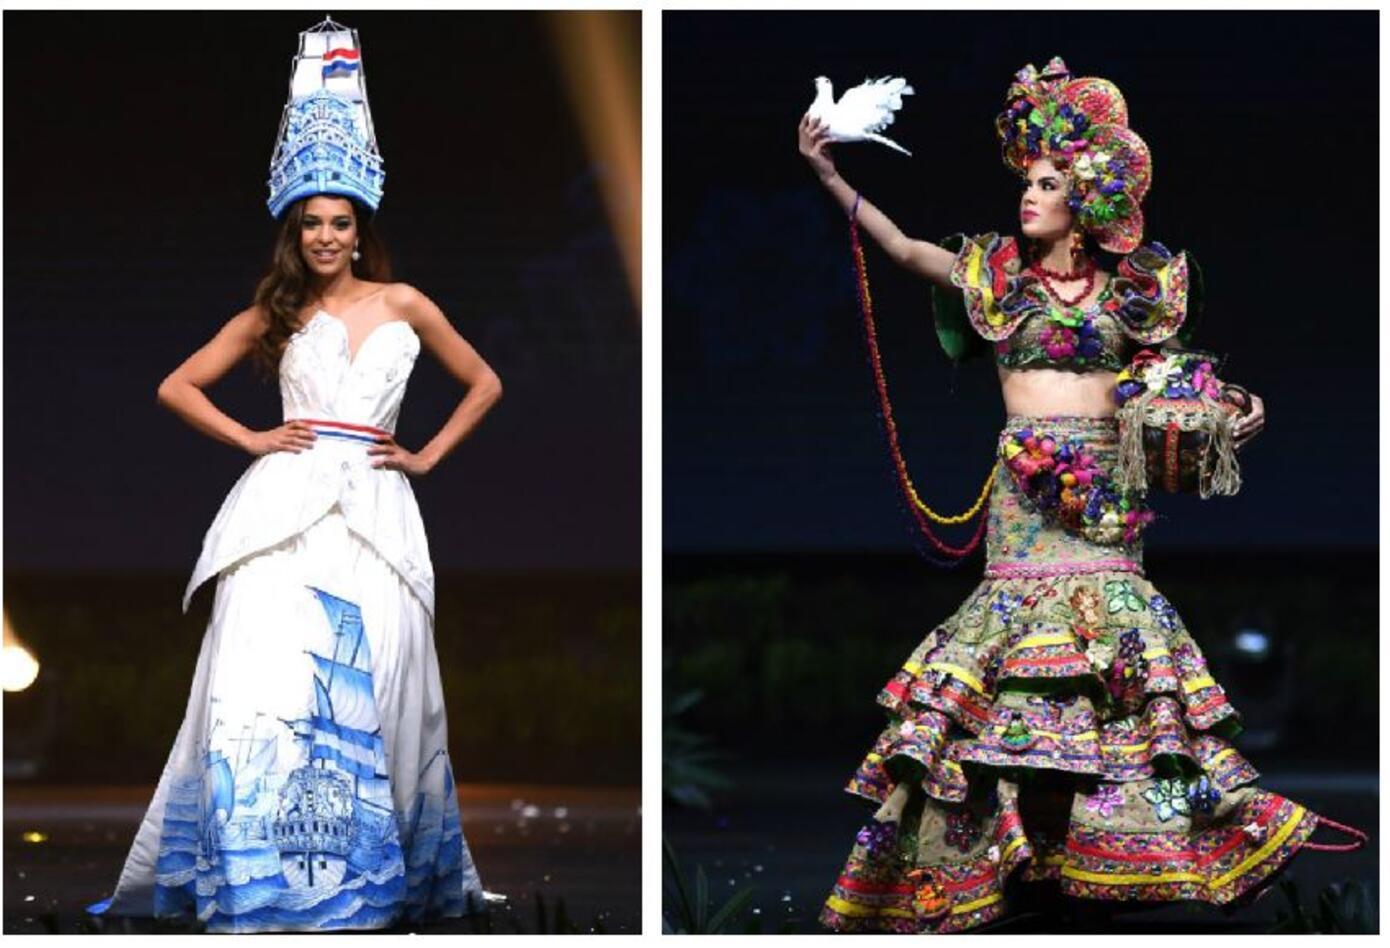 Trajes típicos de Miss Países Bajos y Miss Nicaragua